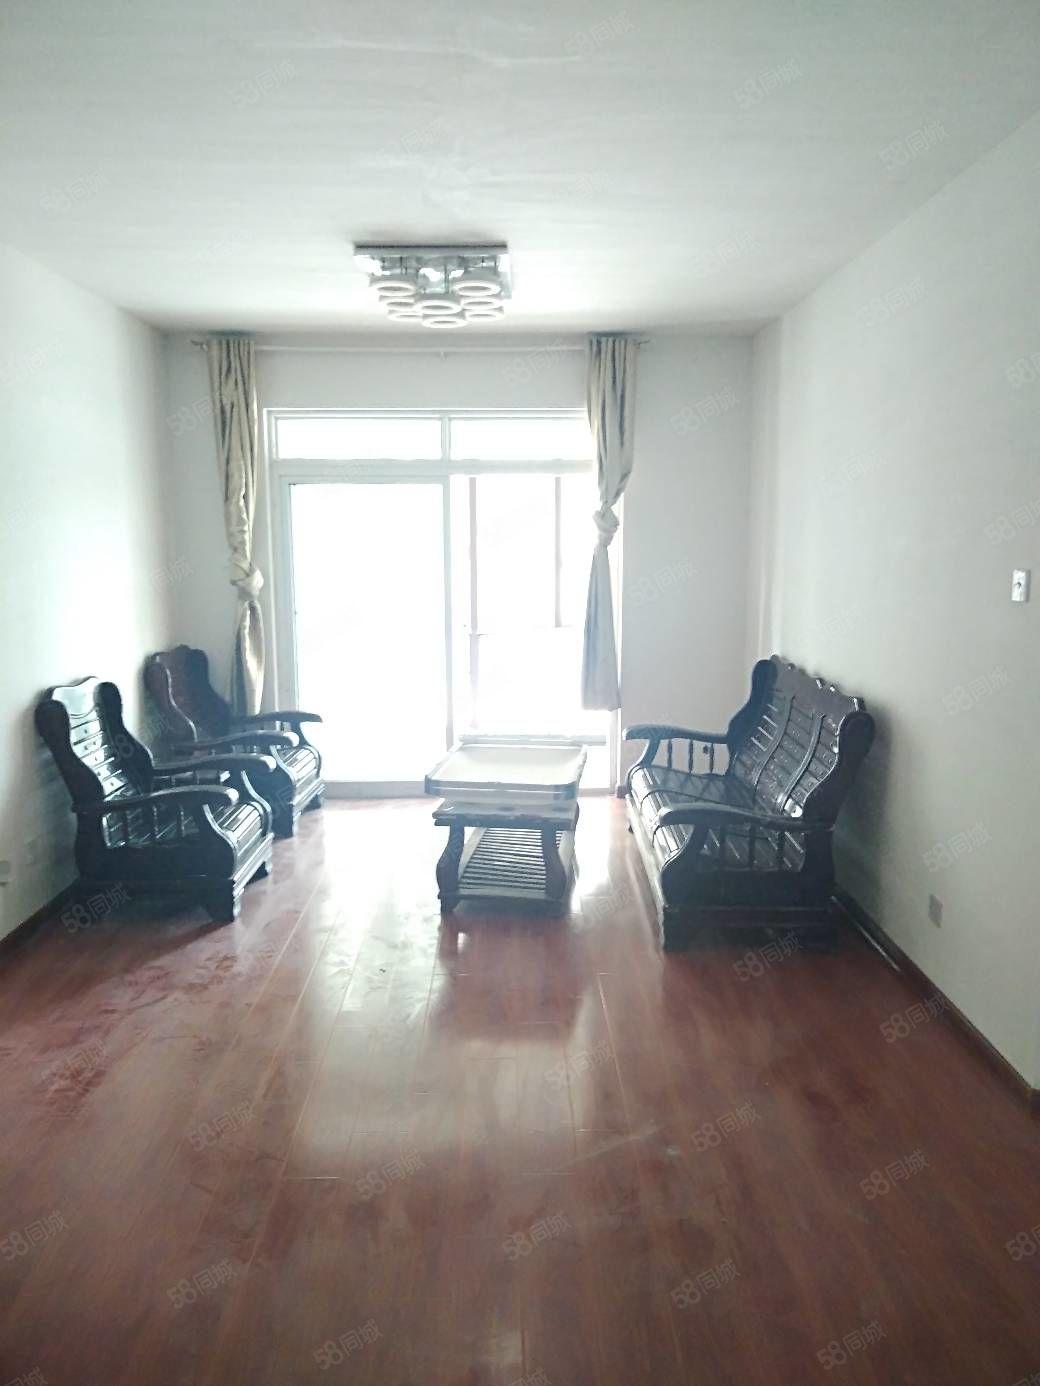 出租御品园套房,三室一厅,家具家电齐全,拎包入住,包物业费。